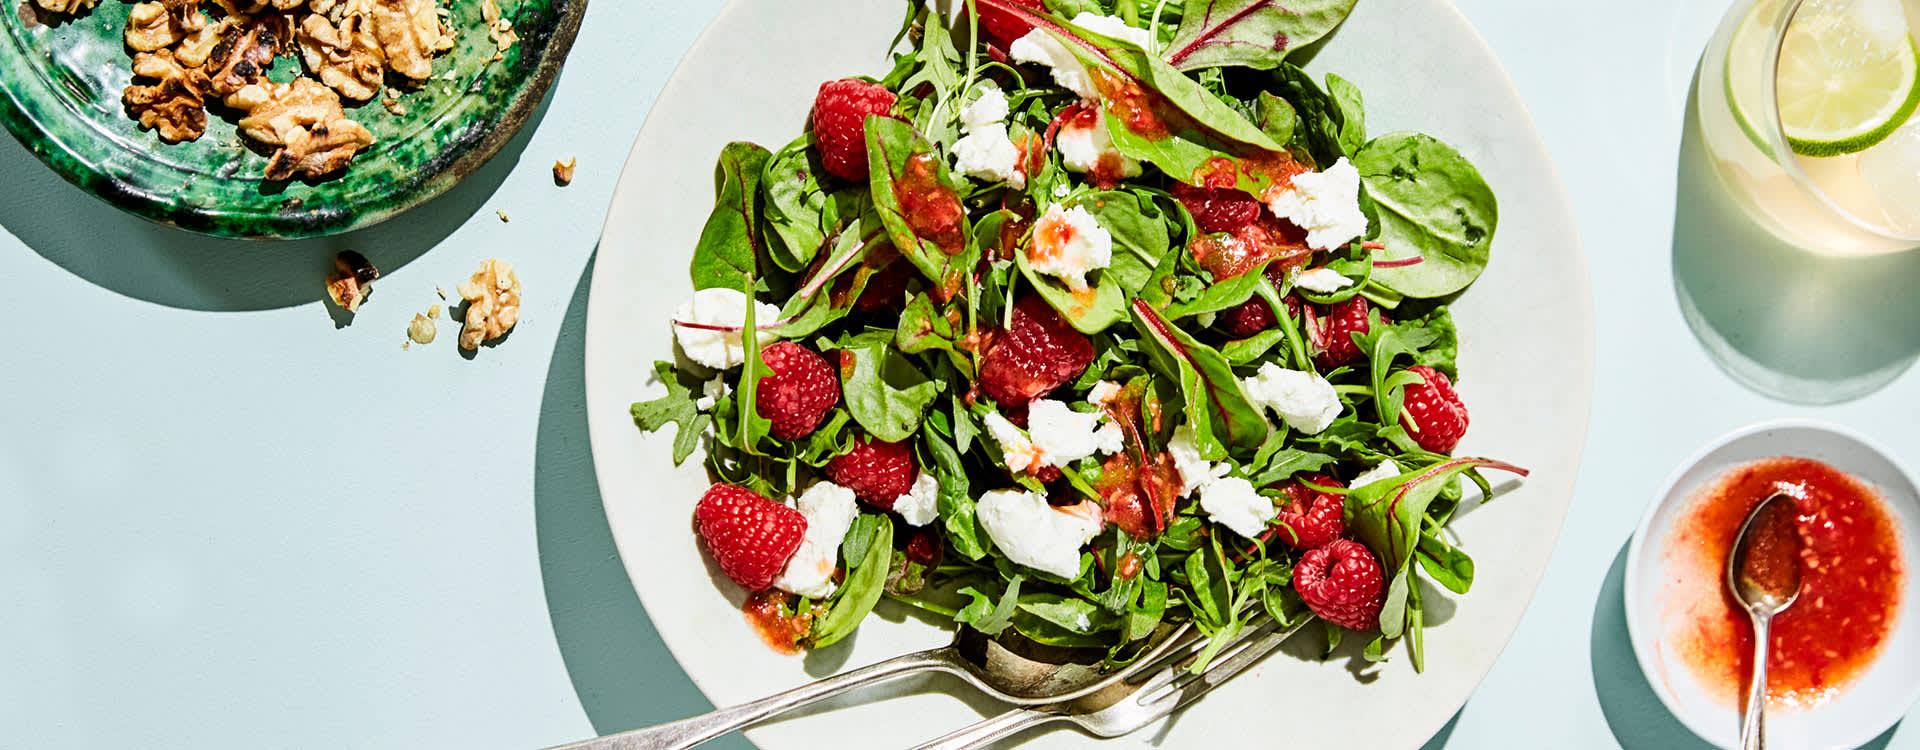 Salat med chèvre og bringebær-vinaigrette er supergodt. Topp den gjerne med avokado og honning!